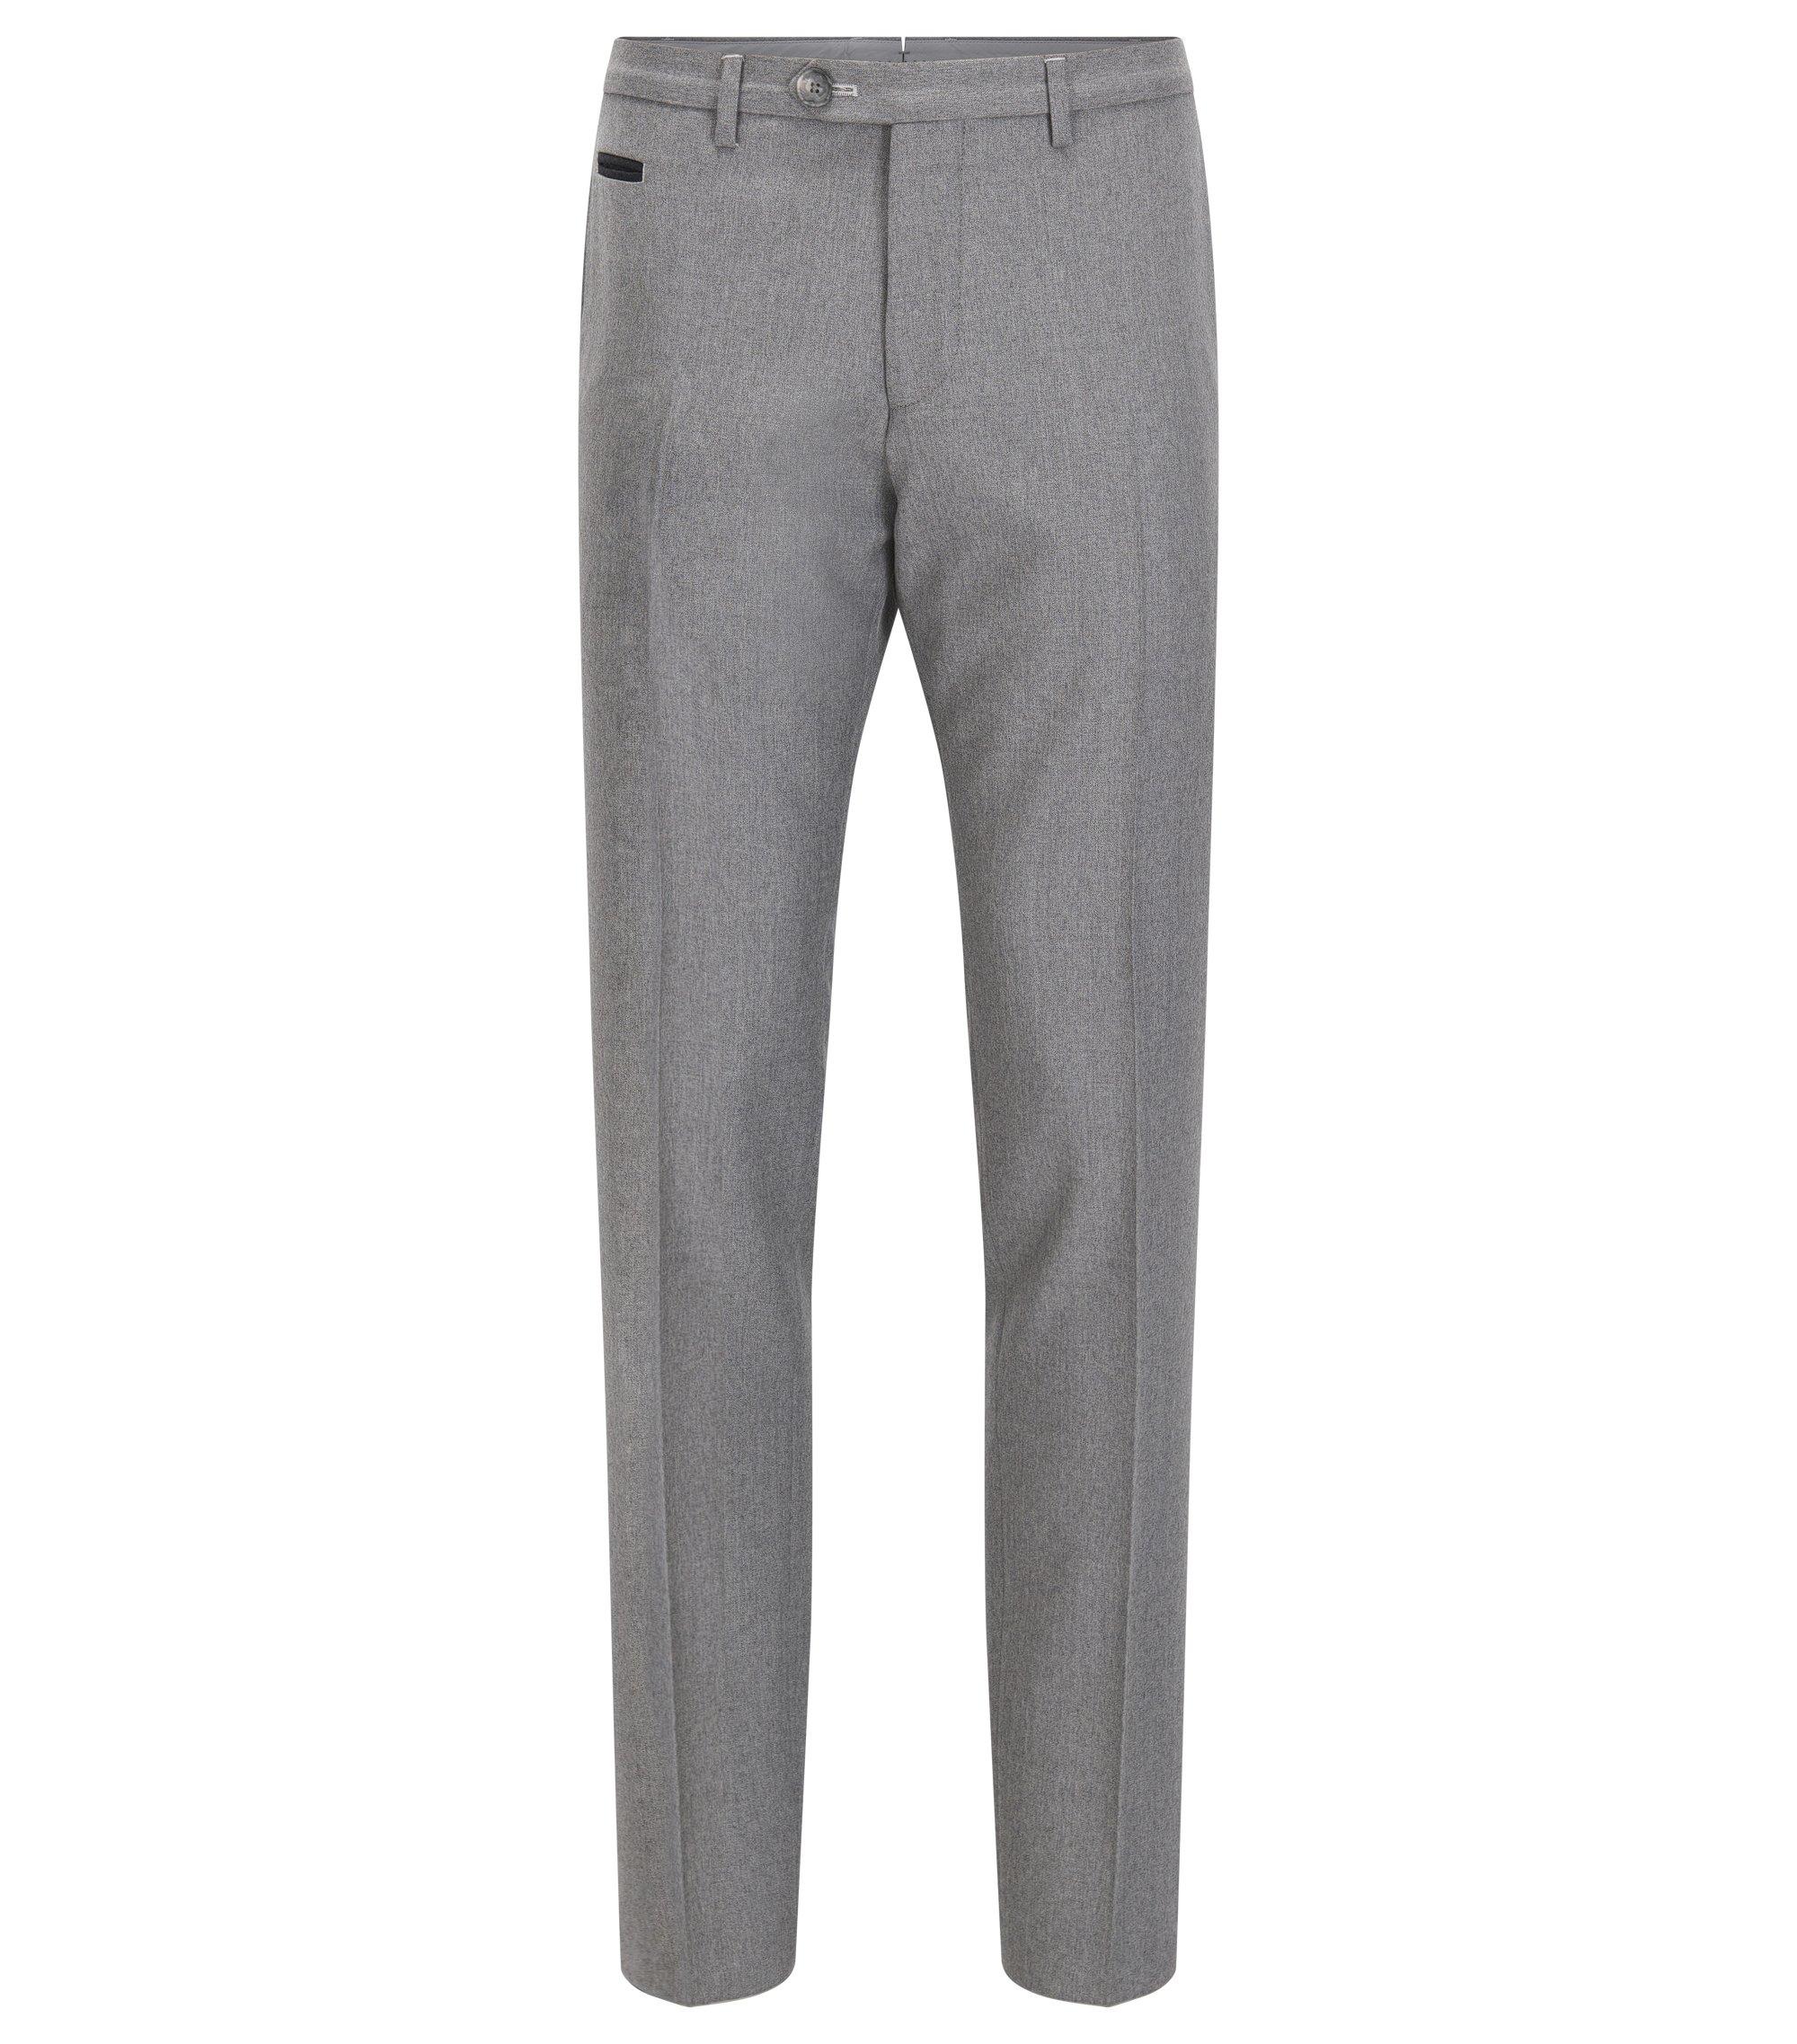 Virgin Wool Pant, Extra Slim Fit | Wilhelm, Grey